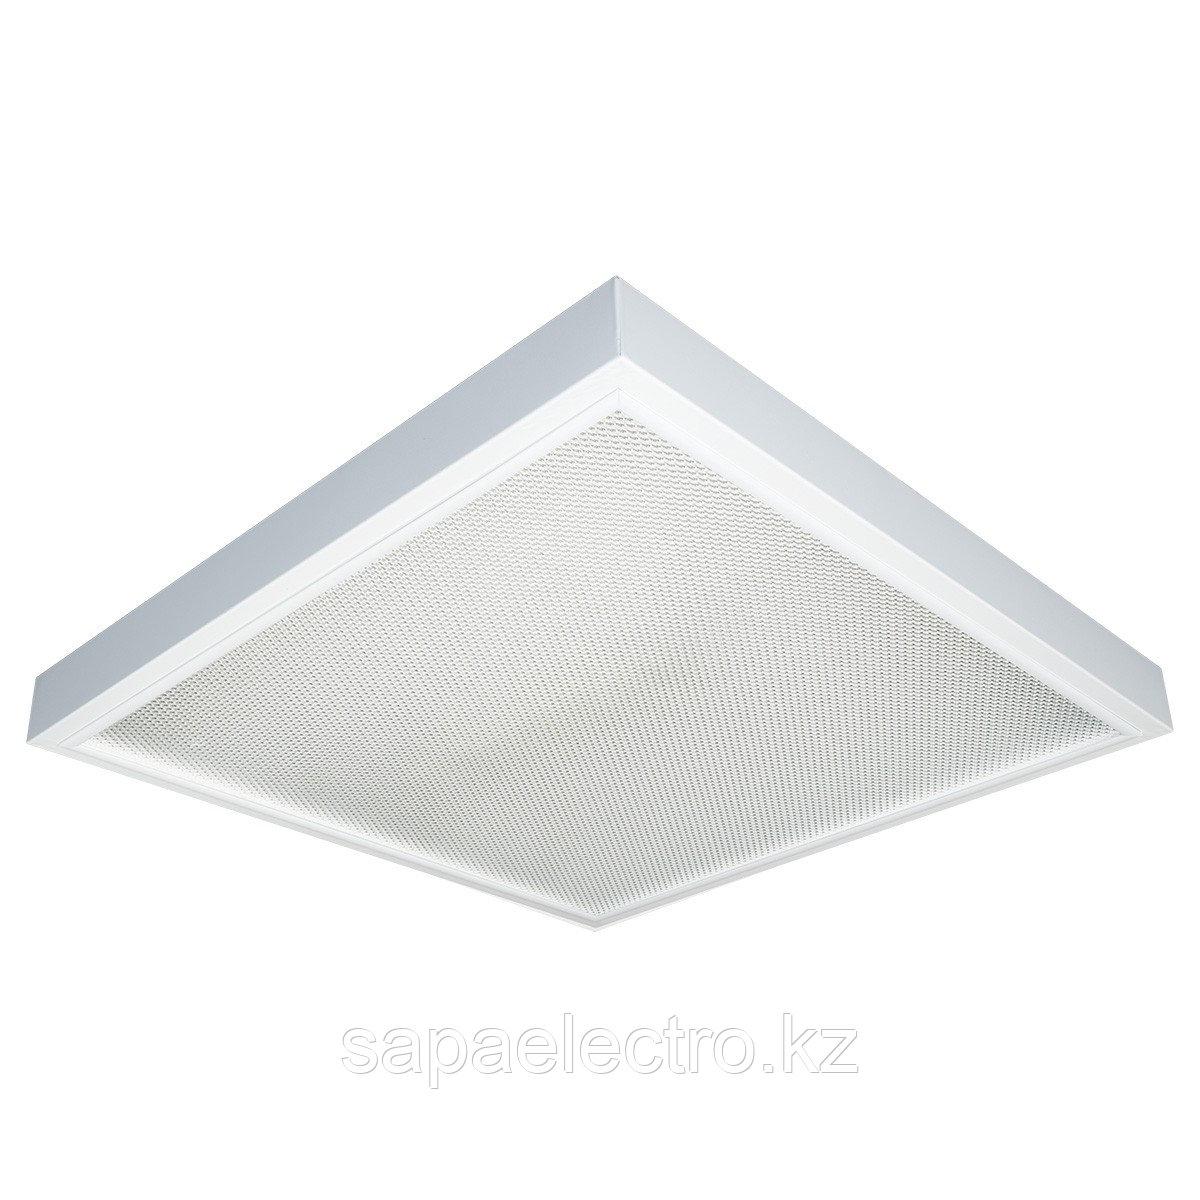 Св-к LEDTUBE LZN 4x9W/ 60см PRIZMA MODERNA  (с ламп